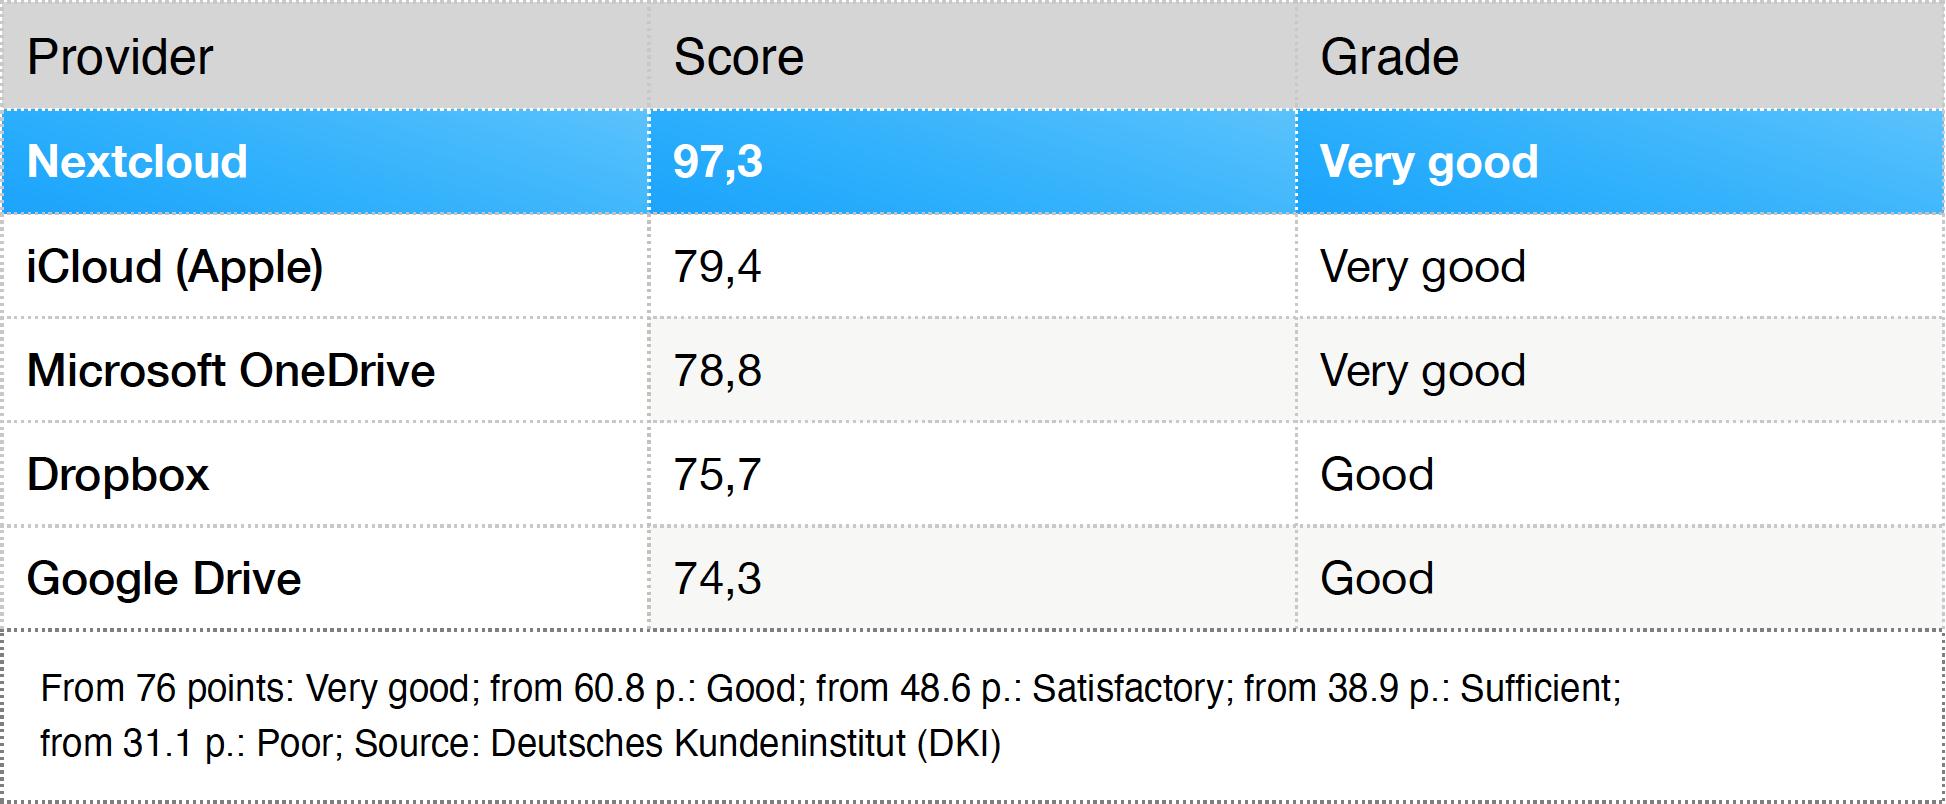 Nextcloud-ranking table Euro am Sonntag